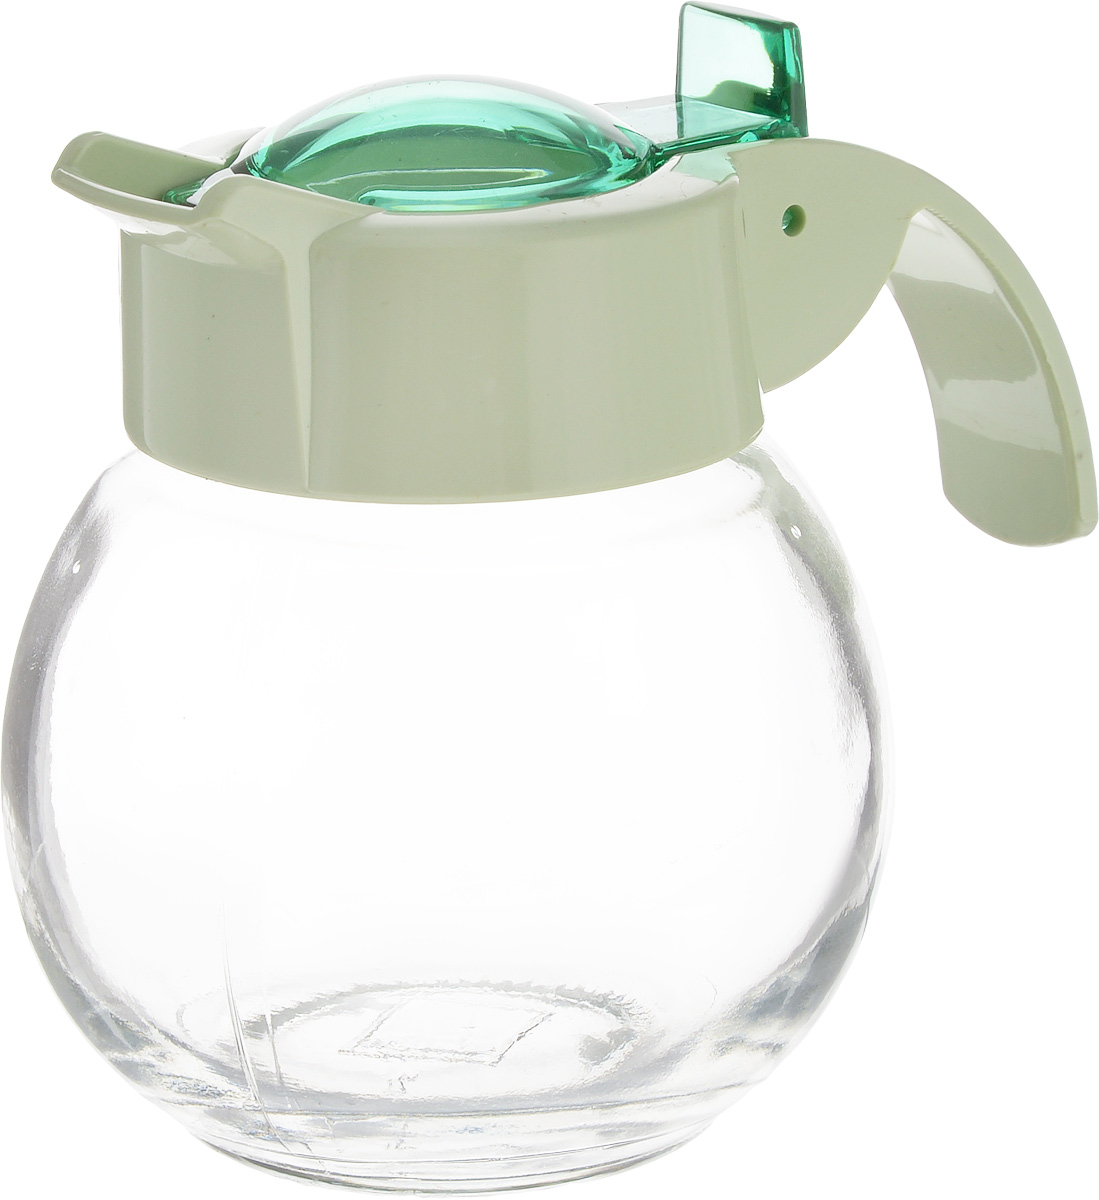 Емкость для жидкости Herevin, цвет: зеленый, прозрачный, 180 мл131671-500_зеленыйЕмкость для жидкости Herevin выполнена из качественного прочного стекла, снабжена пластиковой ручкой и откидной крышкой. Форма носика обеспечивает наливание жидкости без расплескивания. Емкость легка в использовании, стоит только перевернуть ее, и вы с легкостью сможете добавить оливковое или подсолнечное масло, уксус или соус. Крышка легко откручивается, что позволяет без труда наполнить емкость. Диаметр (по верхнему краю): 5 см.Высота емкости: 9 см.